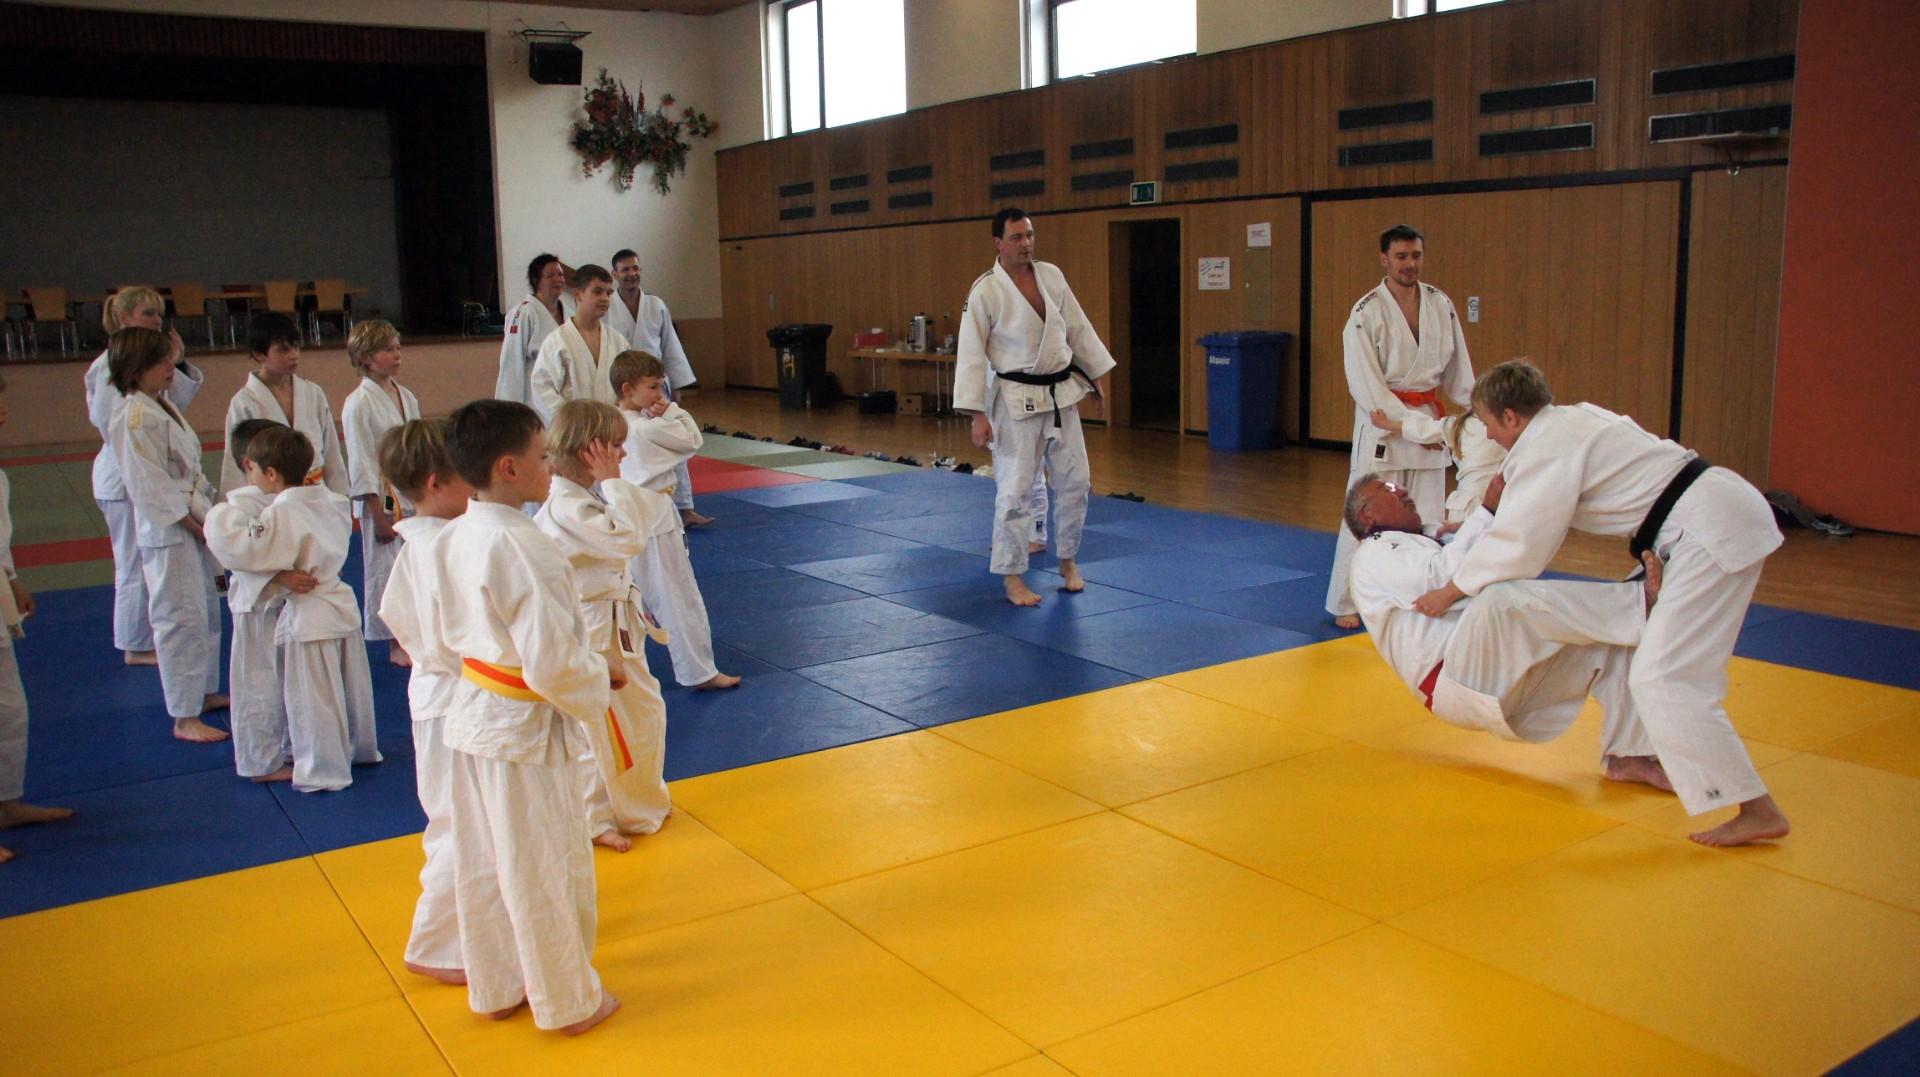 Judo_Familientag_2014_05.04.2014_10-35-29